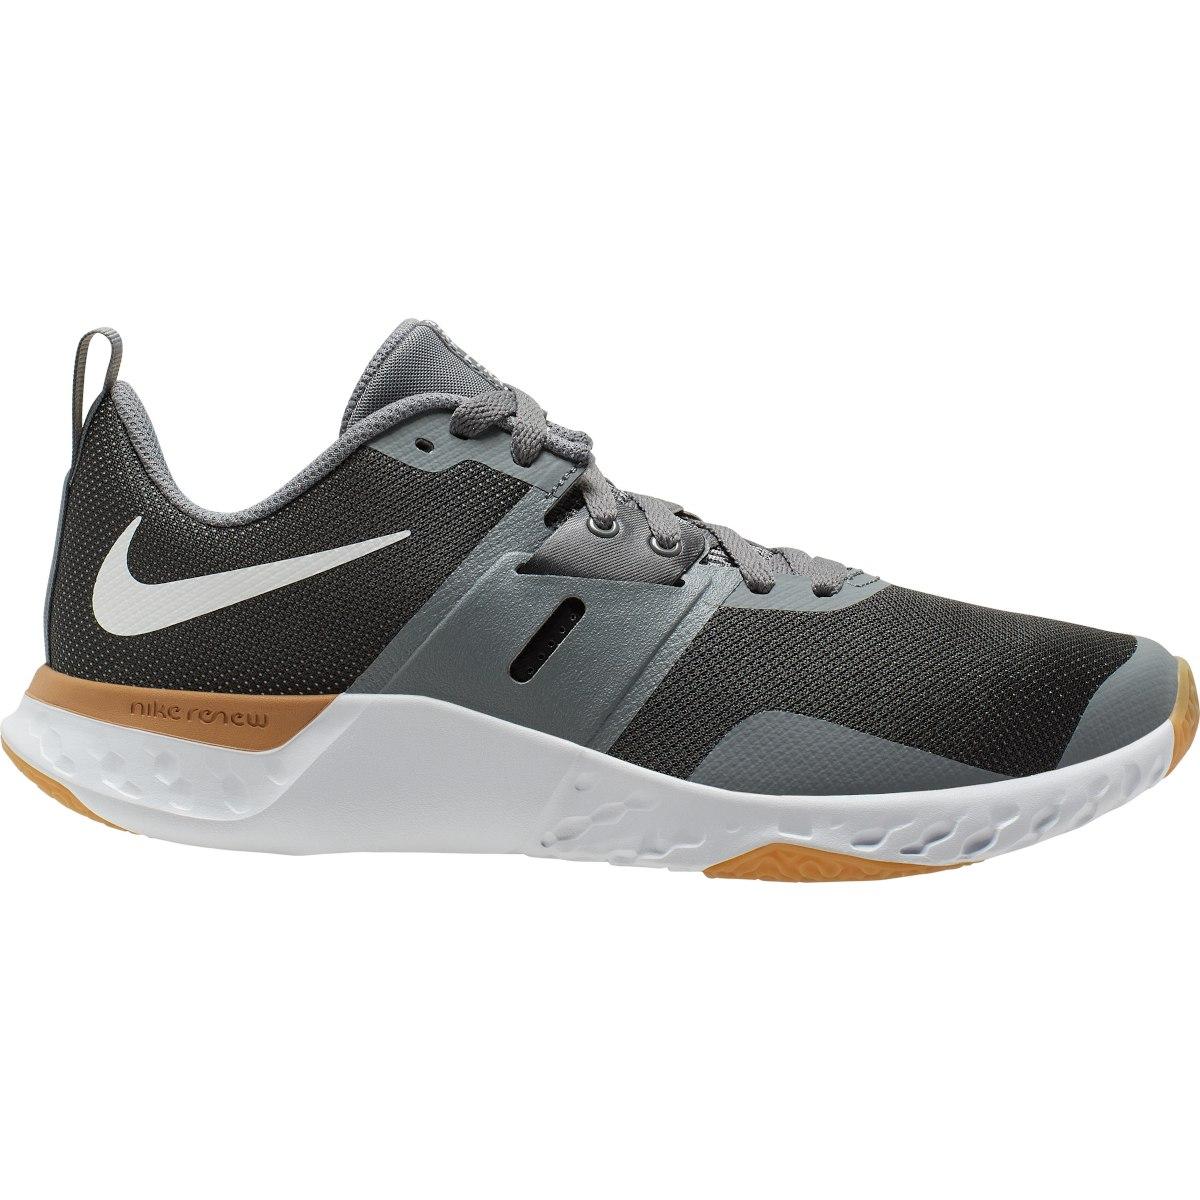 Produktbild von Nike Renew Retaliation Trainingsschuh für Herren - dark smoke grey/white-smoke grey AT1238-008